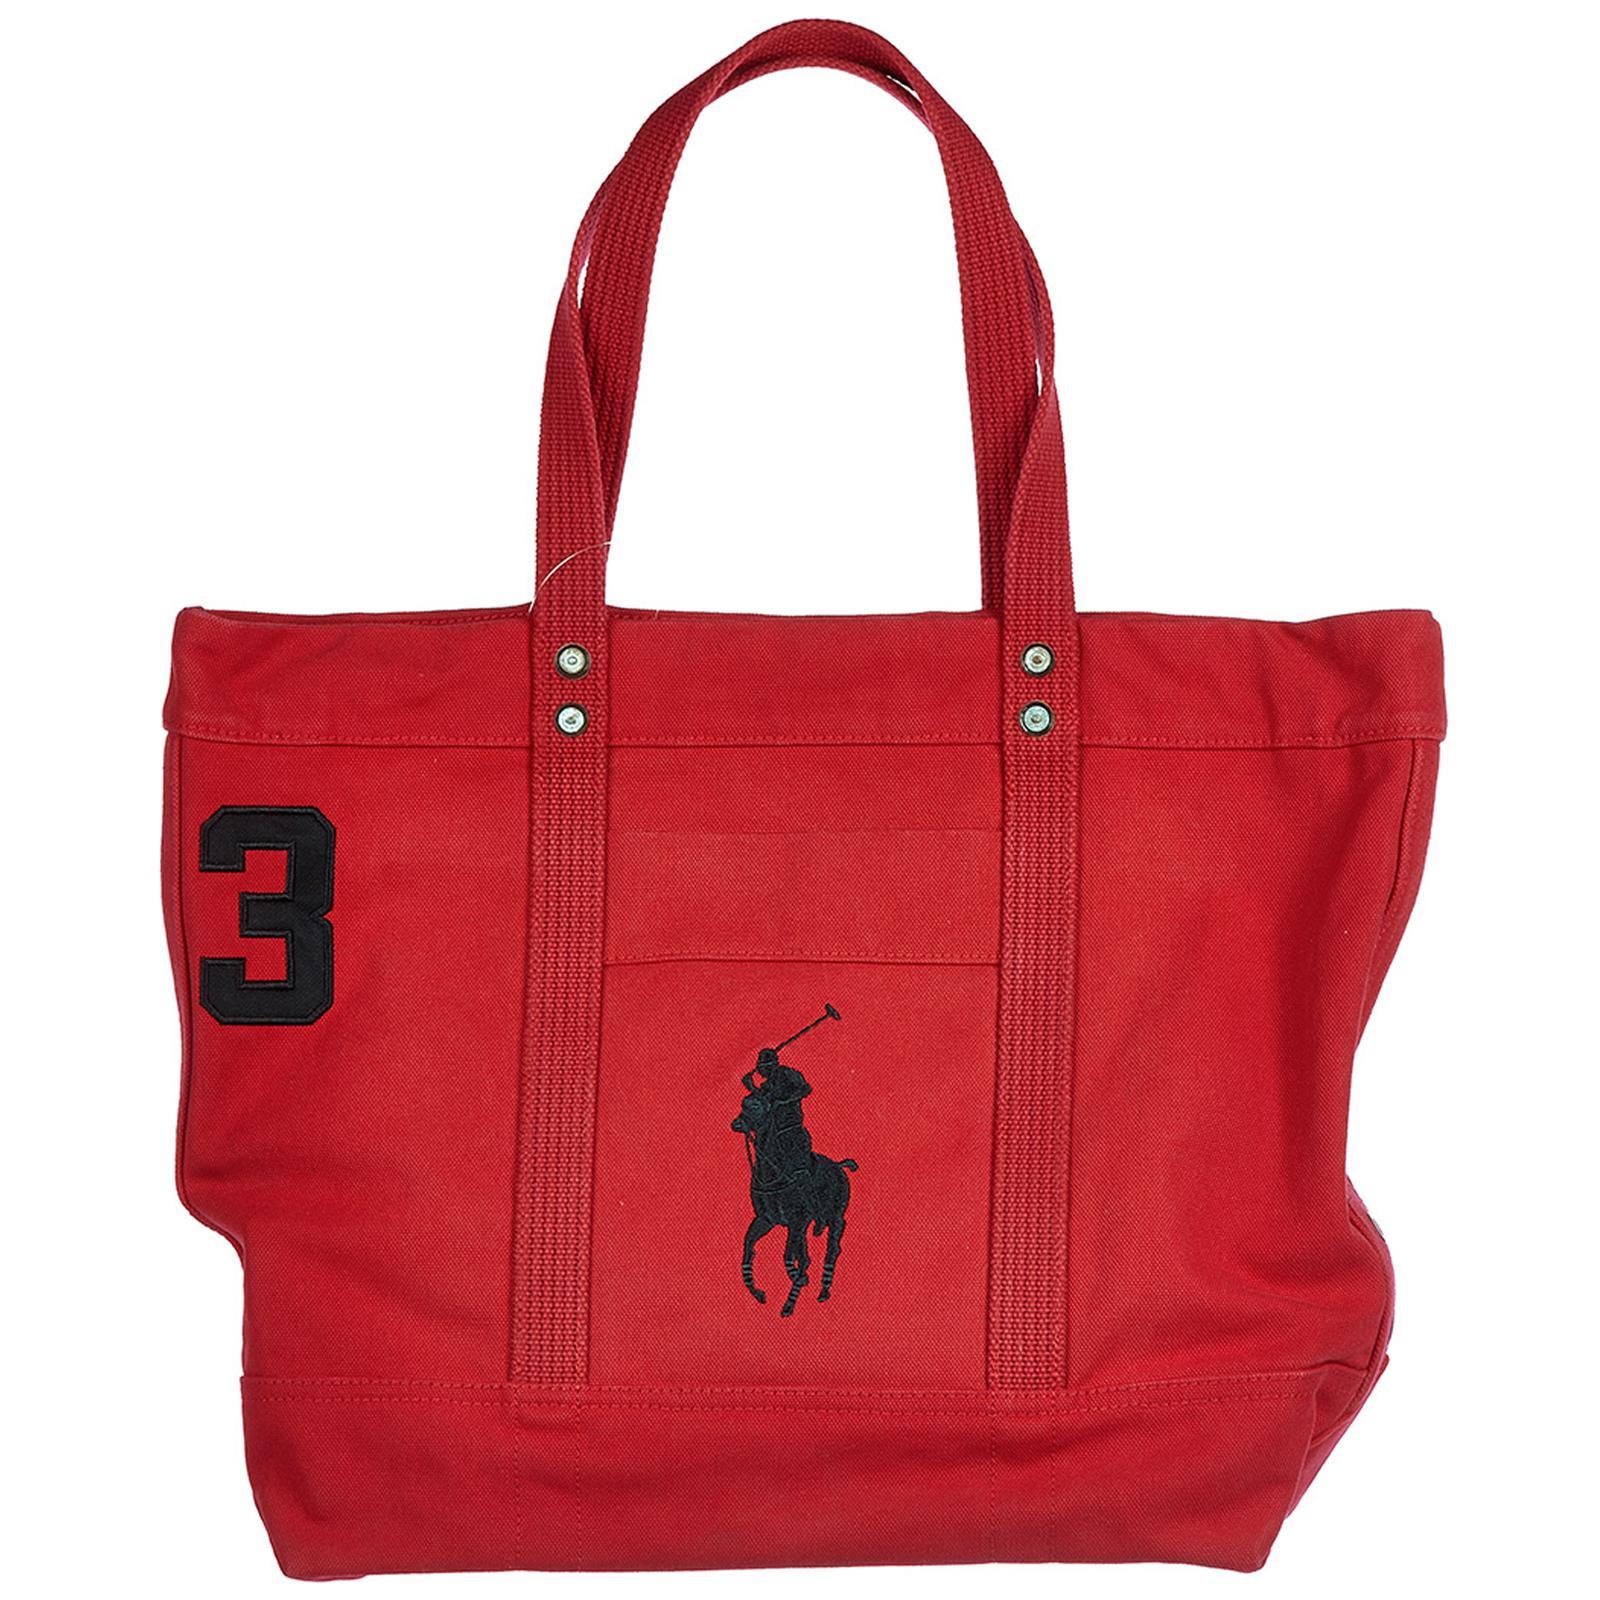 37af2906e6c shopping equestrian horse fox hunt handbag purse ralph lauren red  fabrickentucky derby dd93d 232b8; low price polo ralph lauren 1b65a 9e916